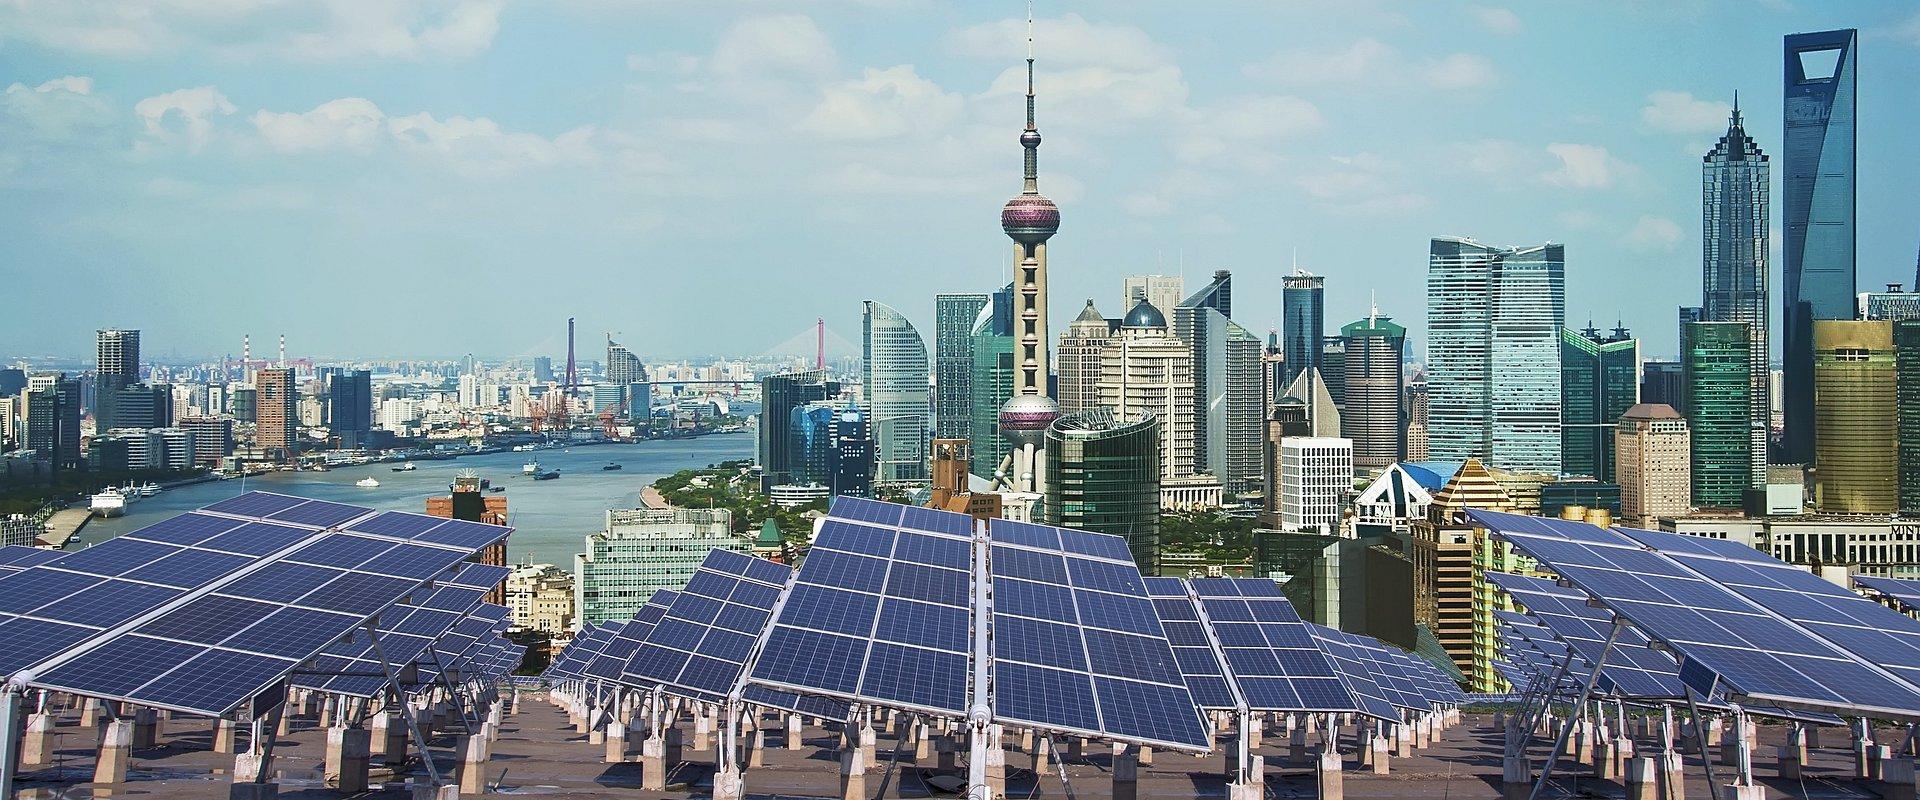 Zielona energia opanowuje świat. Państwa i biznes stawiają na odnawialne źródła